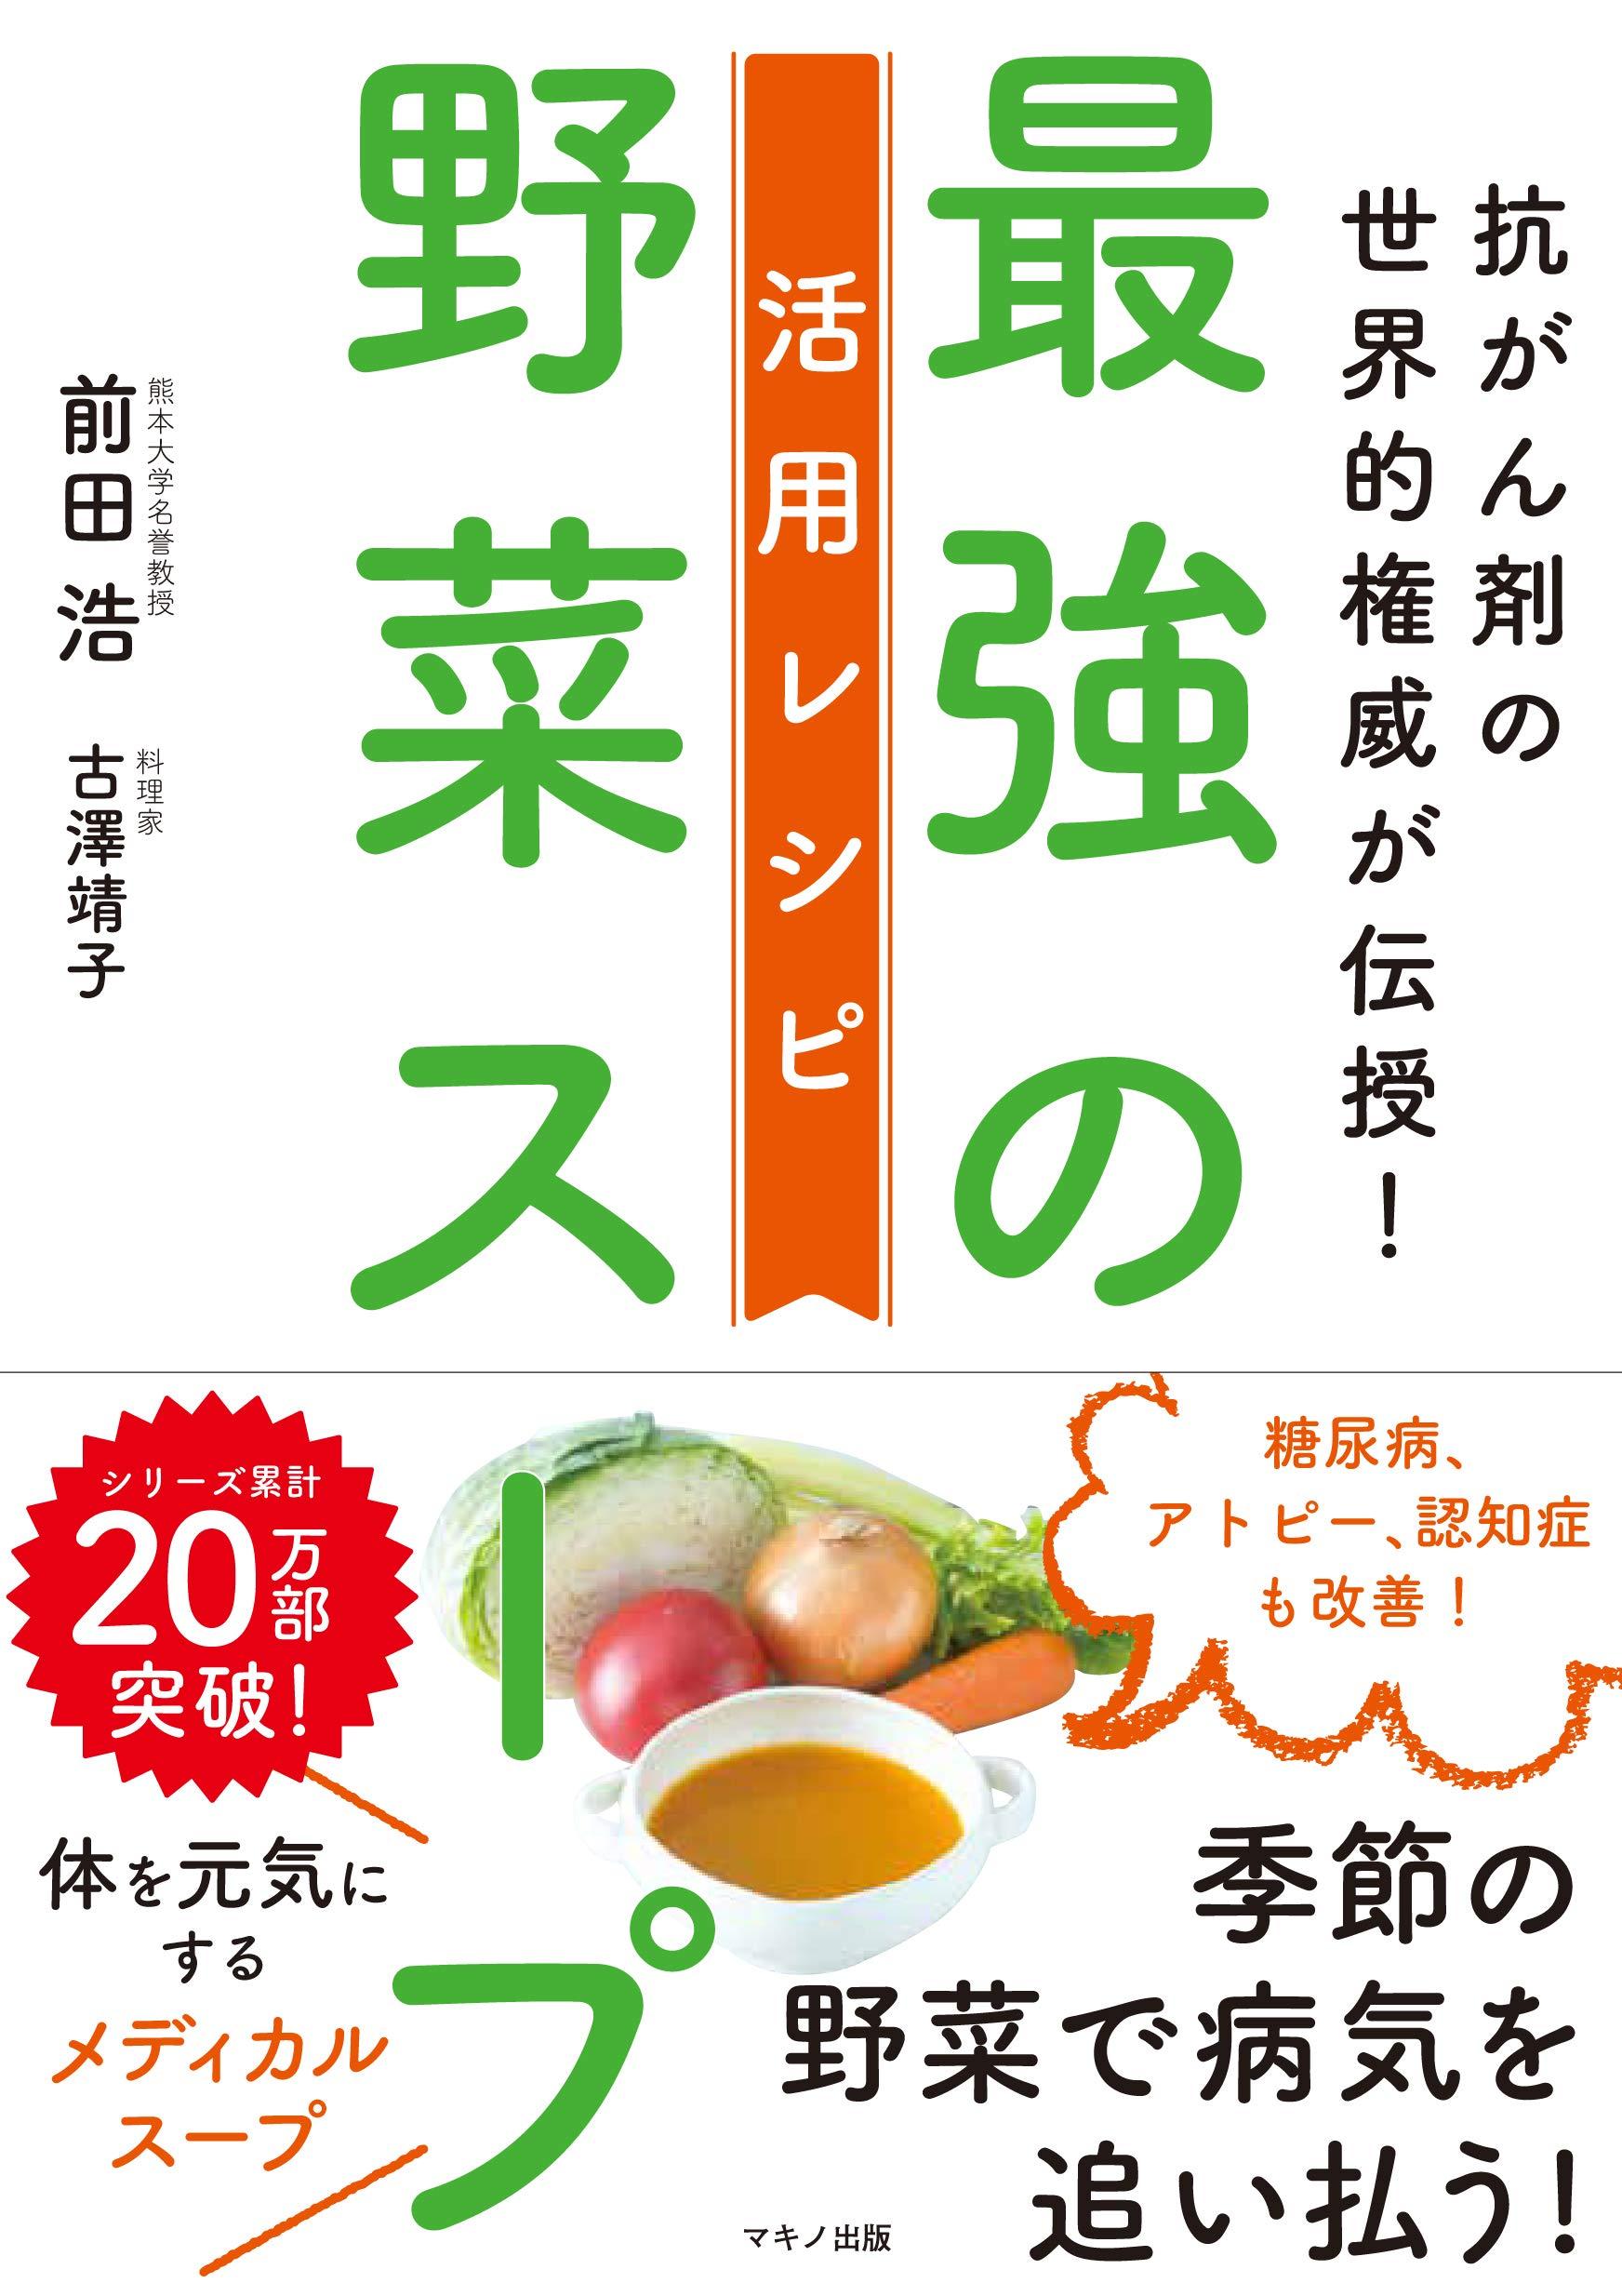 最強の野菜スープ 活用レシピ(抗ガン剤の世界的権威が伝授!)